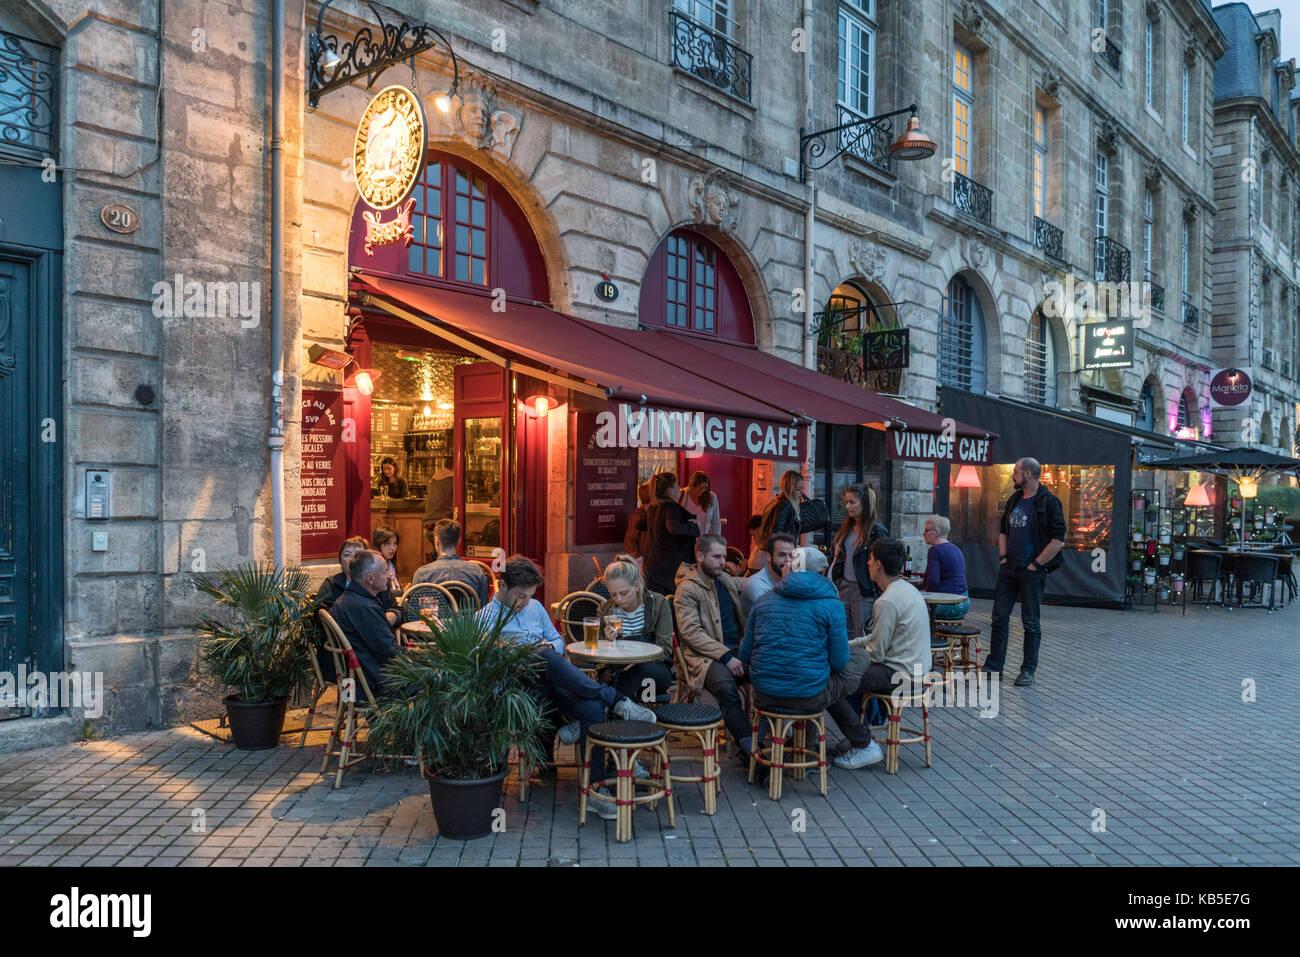 Vintage Cafe, Quai Richelieu, street cafe, Bordeaux, France - Stock Image